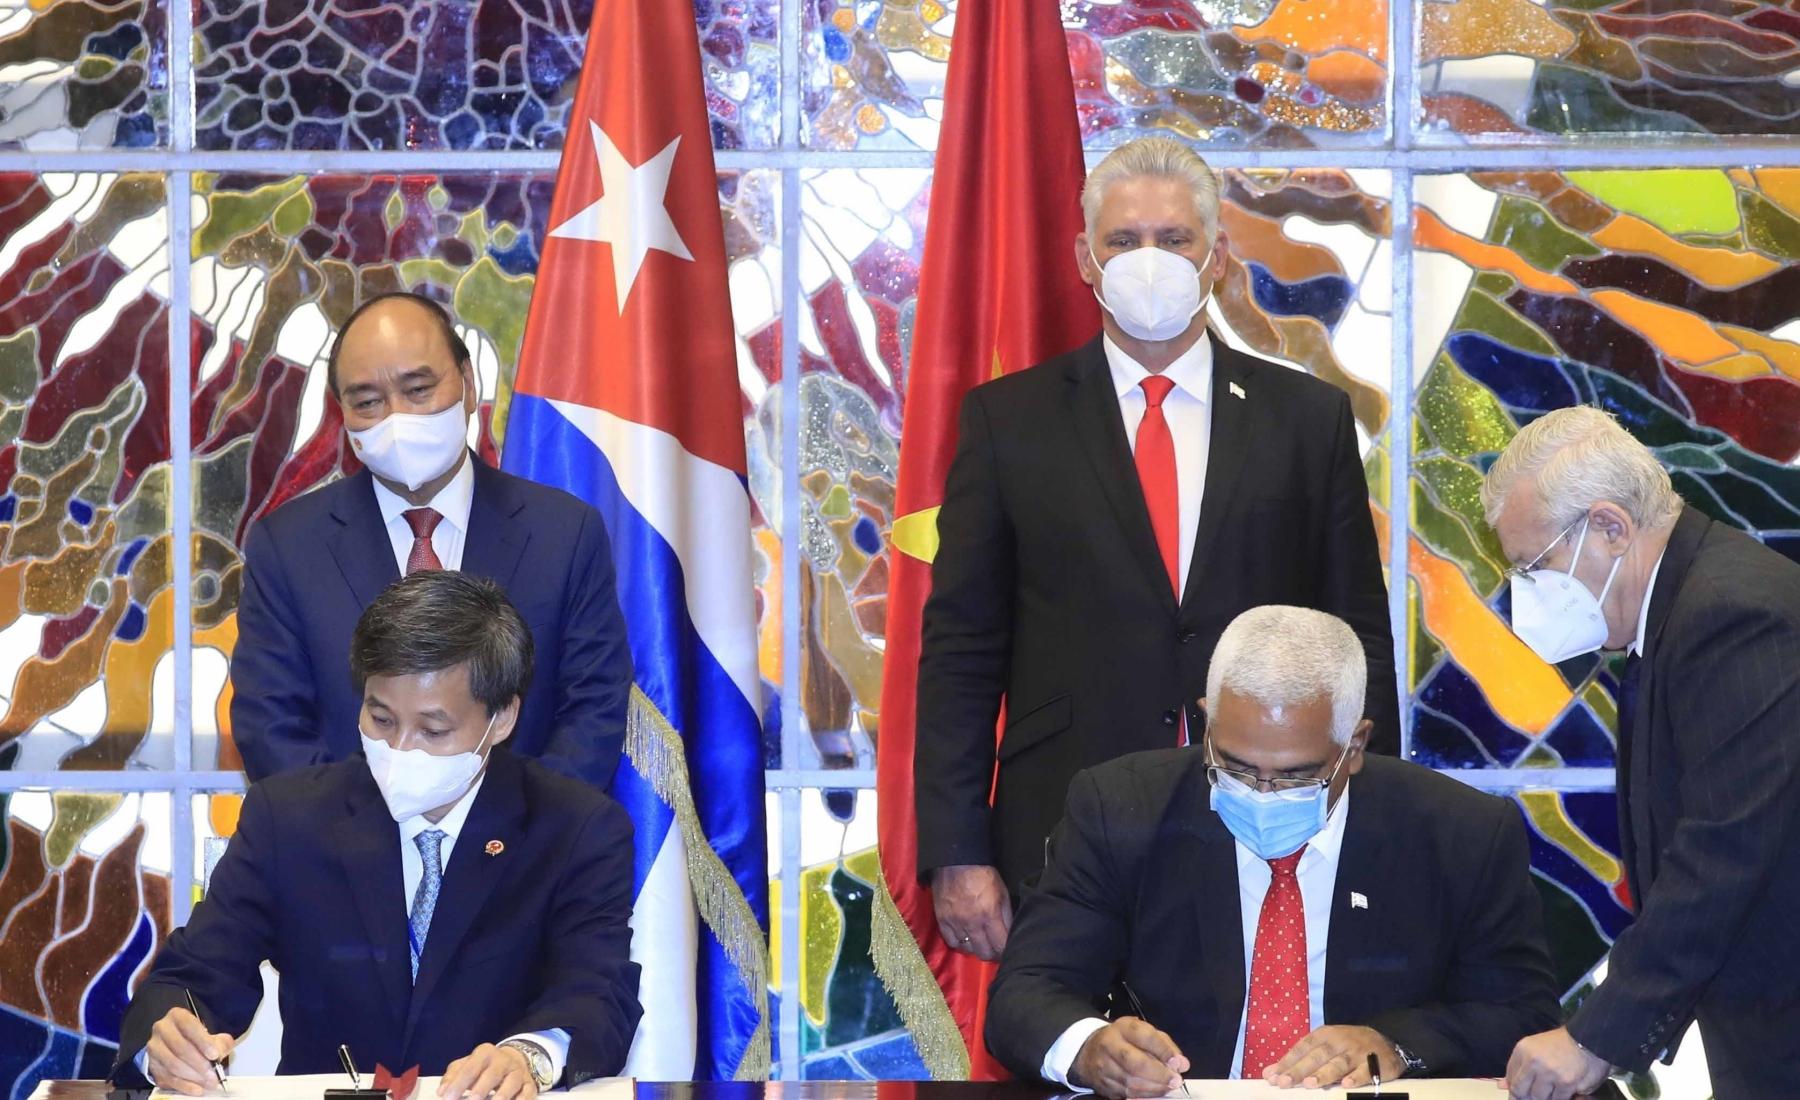 Chủ tịch nước Nguyễn Xuân Phúc (hàng sau bên trái) và Chủ tịch Cuba Miguel Diaz Canel (hàng sau bên phải) chứng kiến lễ ký kết các văn kiện hợp tác giữa hai nước hôm 20/9. Ảnh: TTXVN.